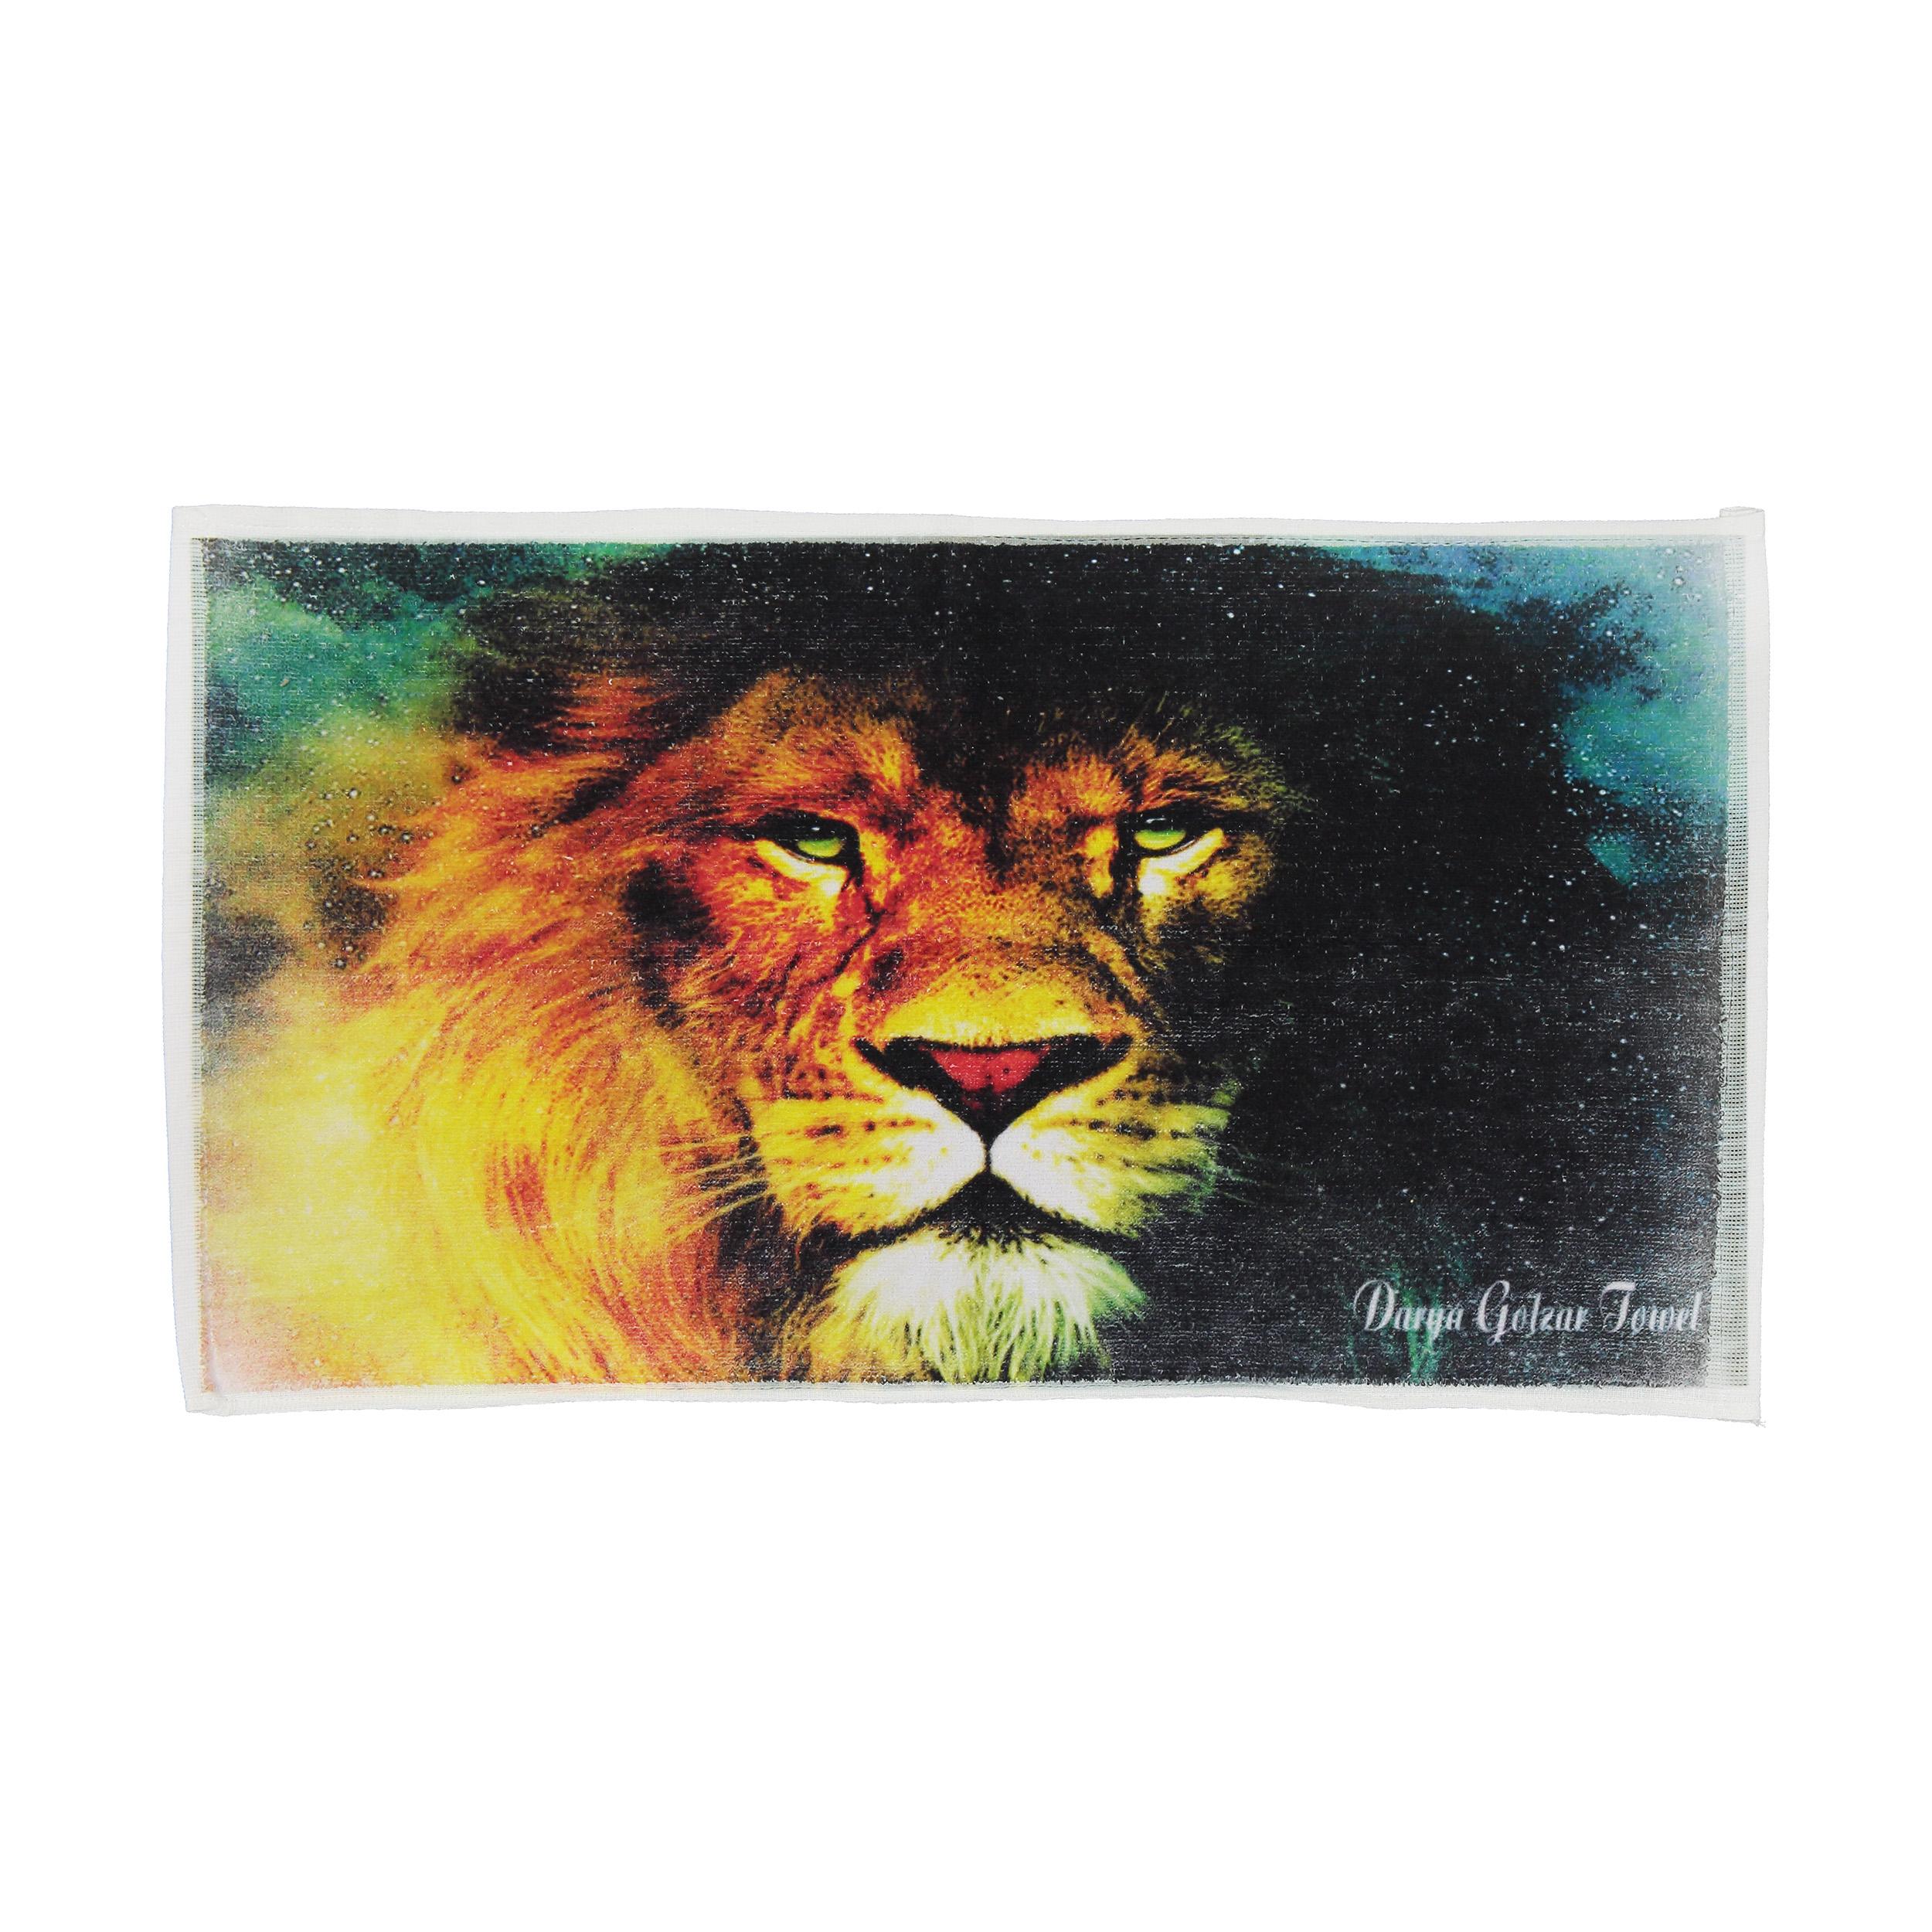 حوله دستی دریا گلزار مدل Lion سایز 35 * 55 سانتی متر